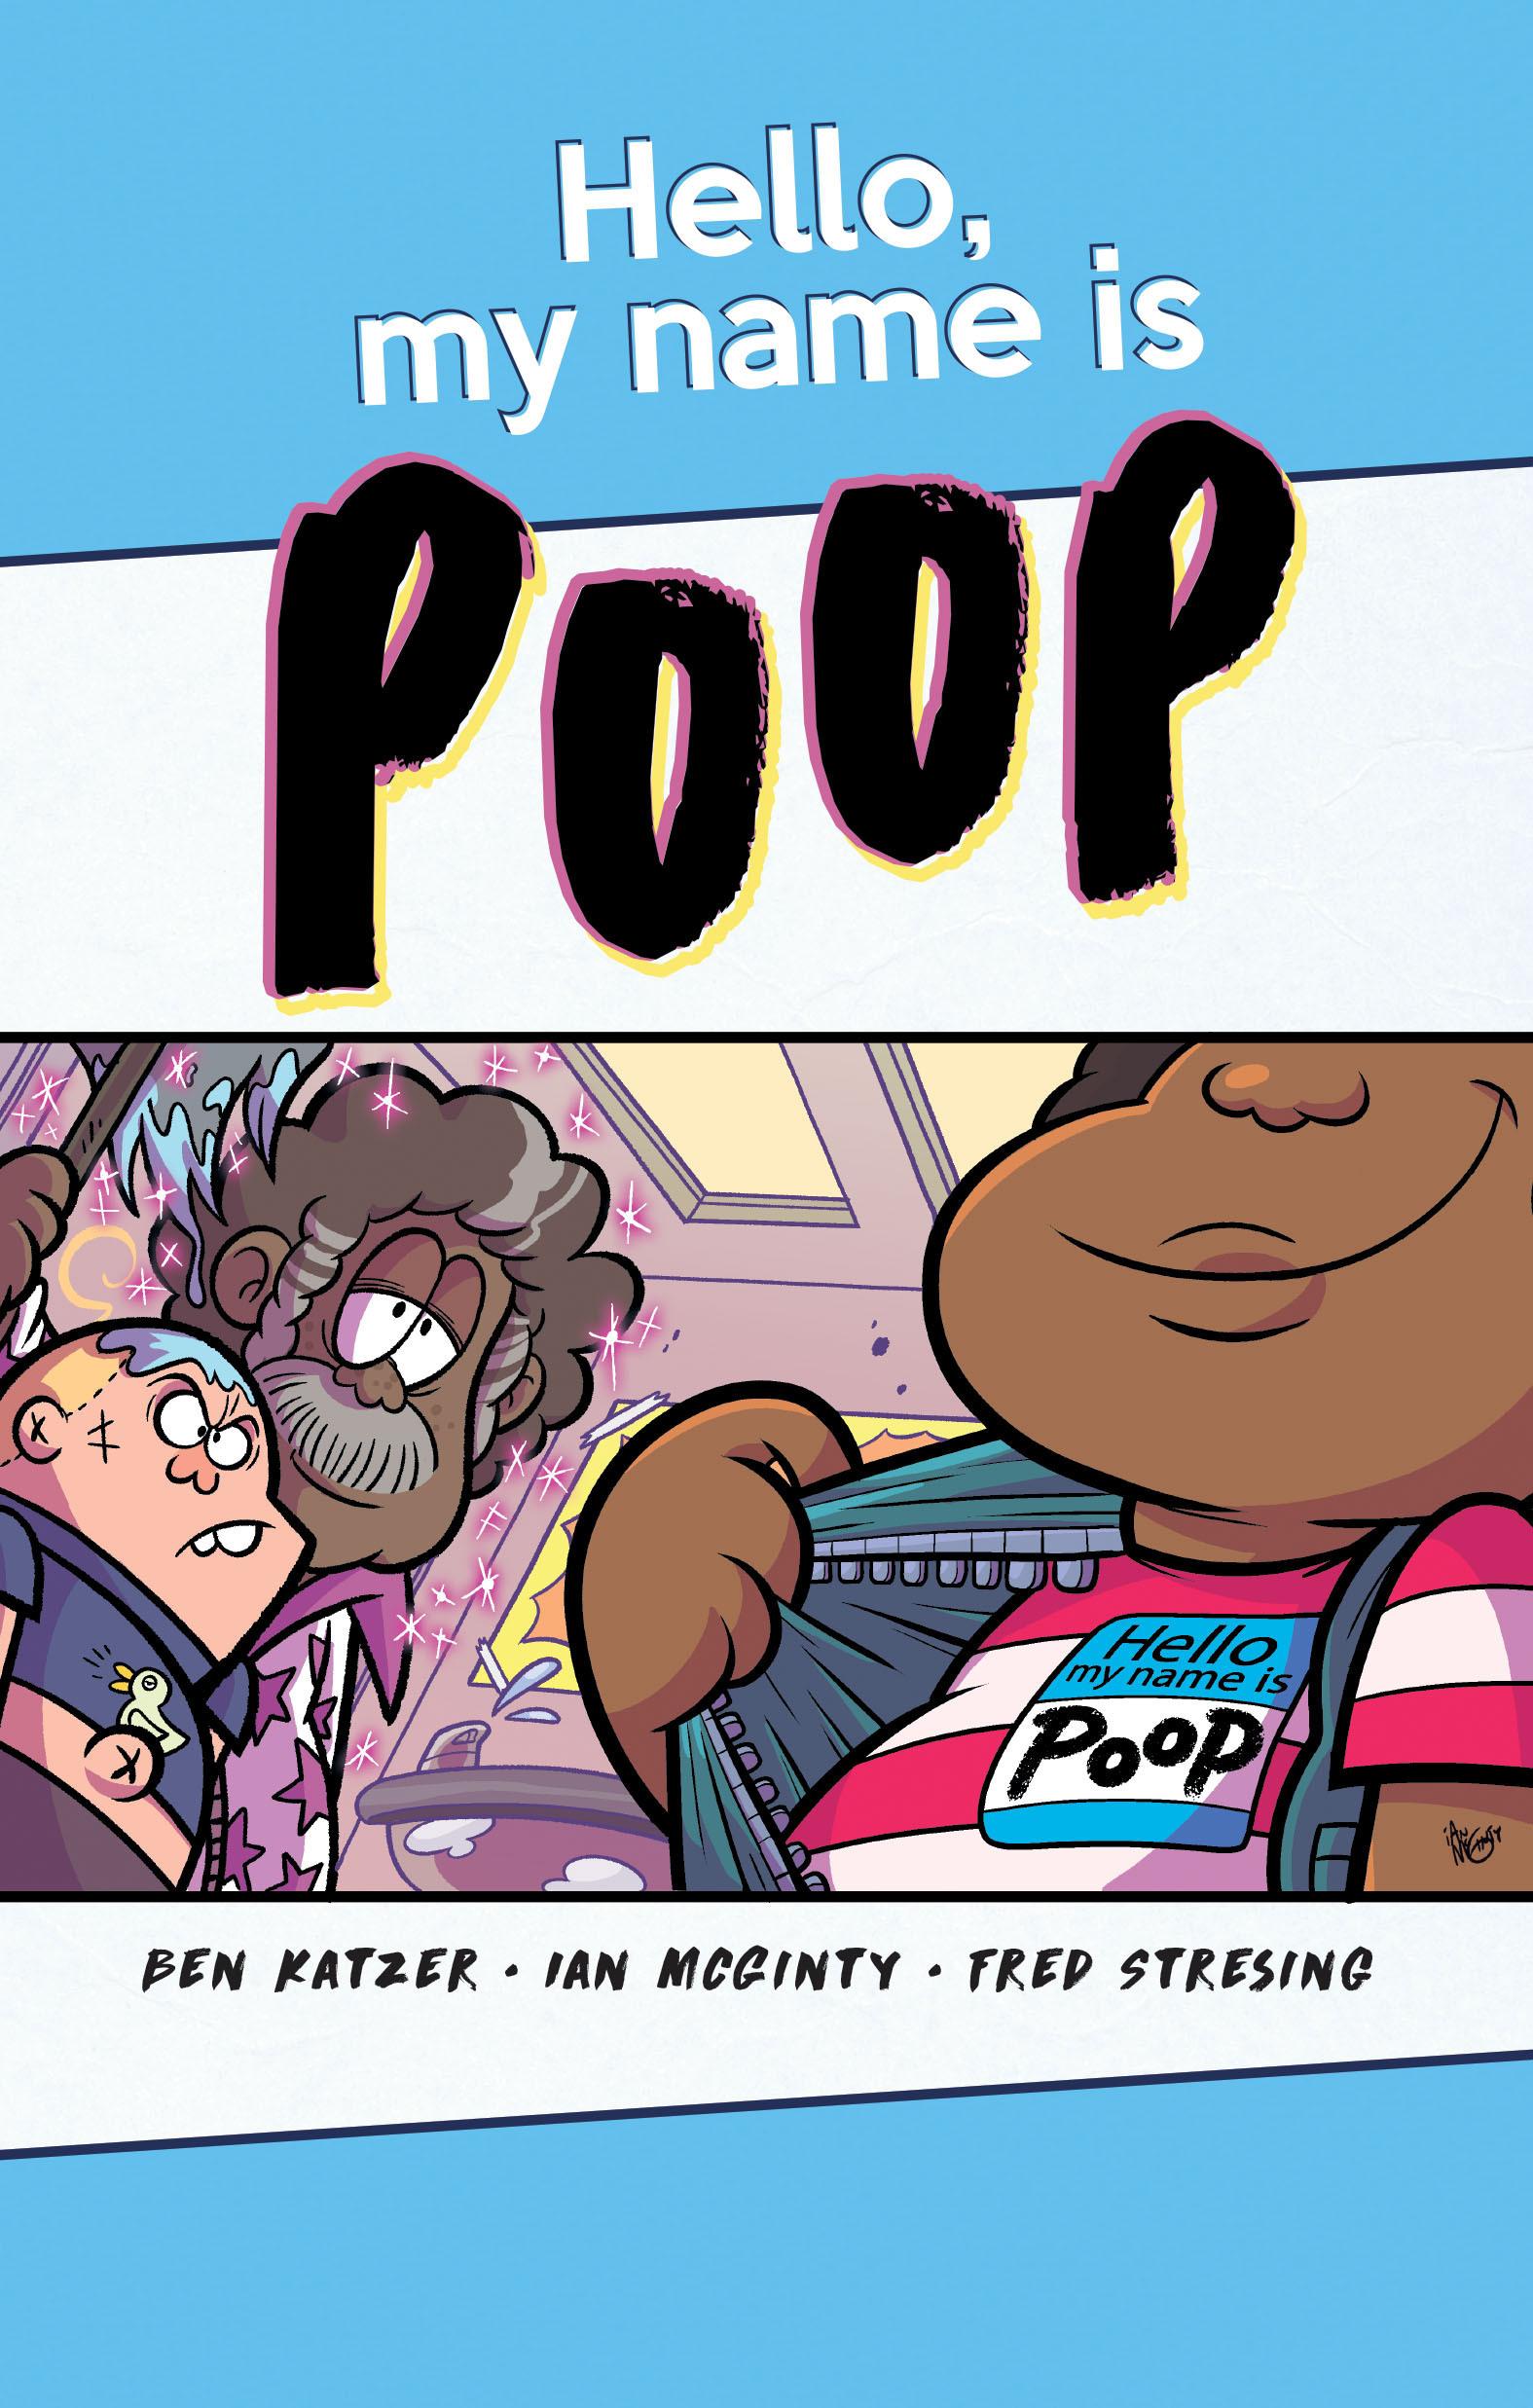 Hello My Name is Poop